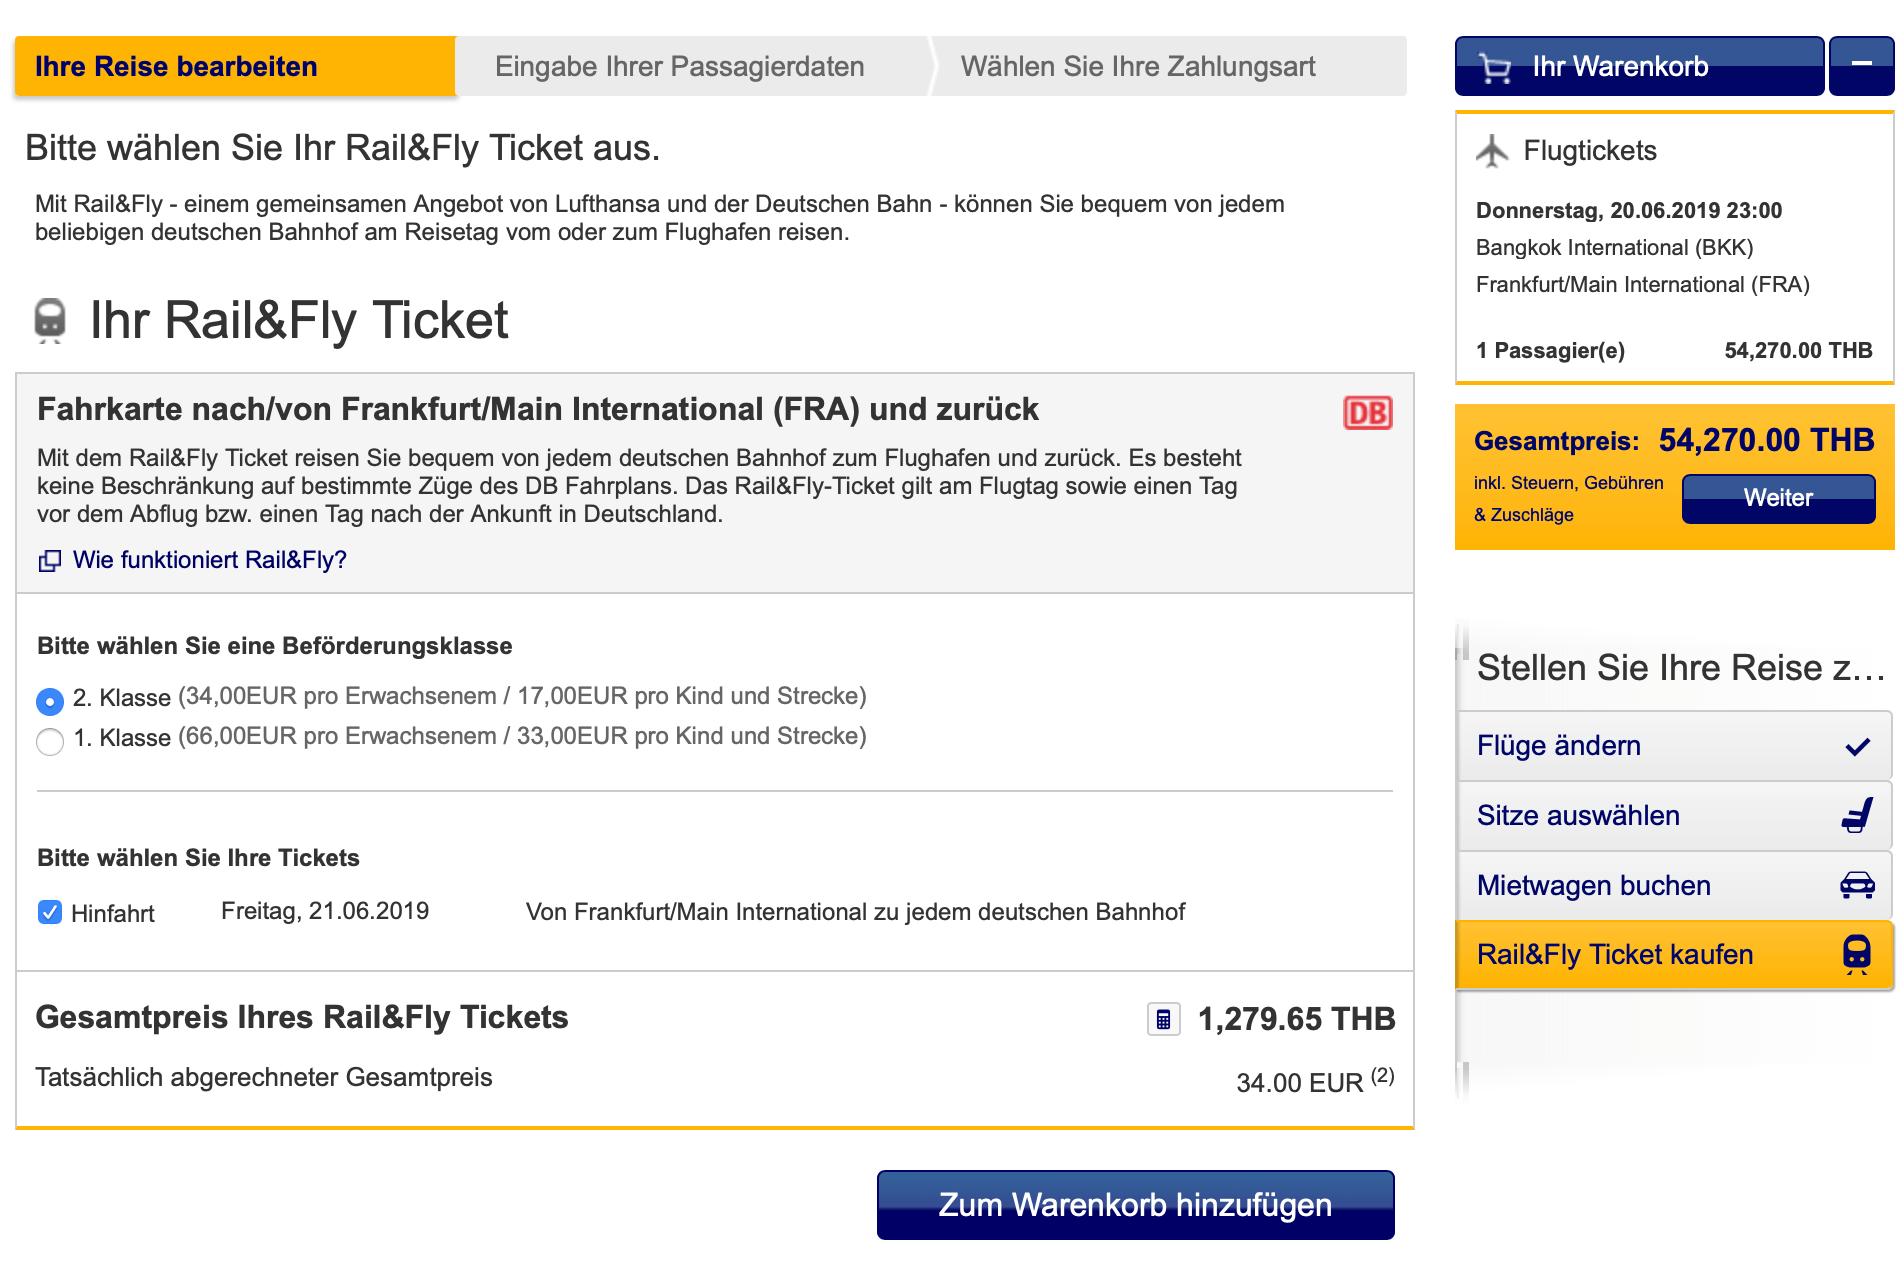 Lufthansa Rail & Fly Ticket Auswahl im Buchungsprozess